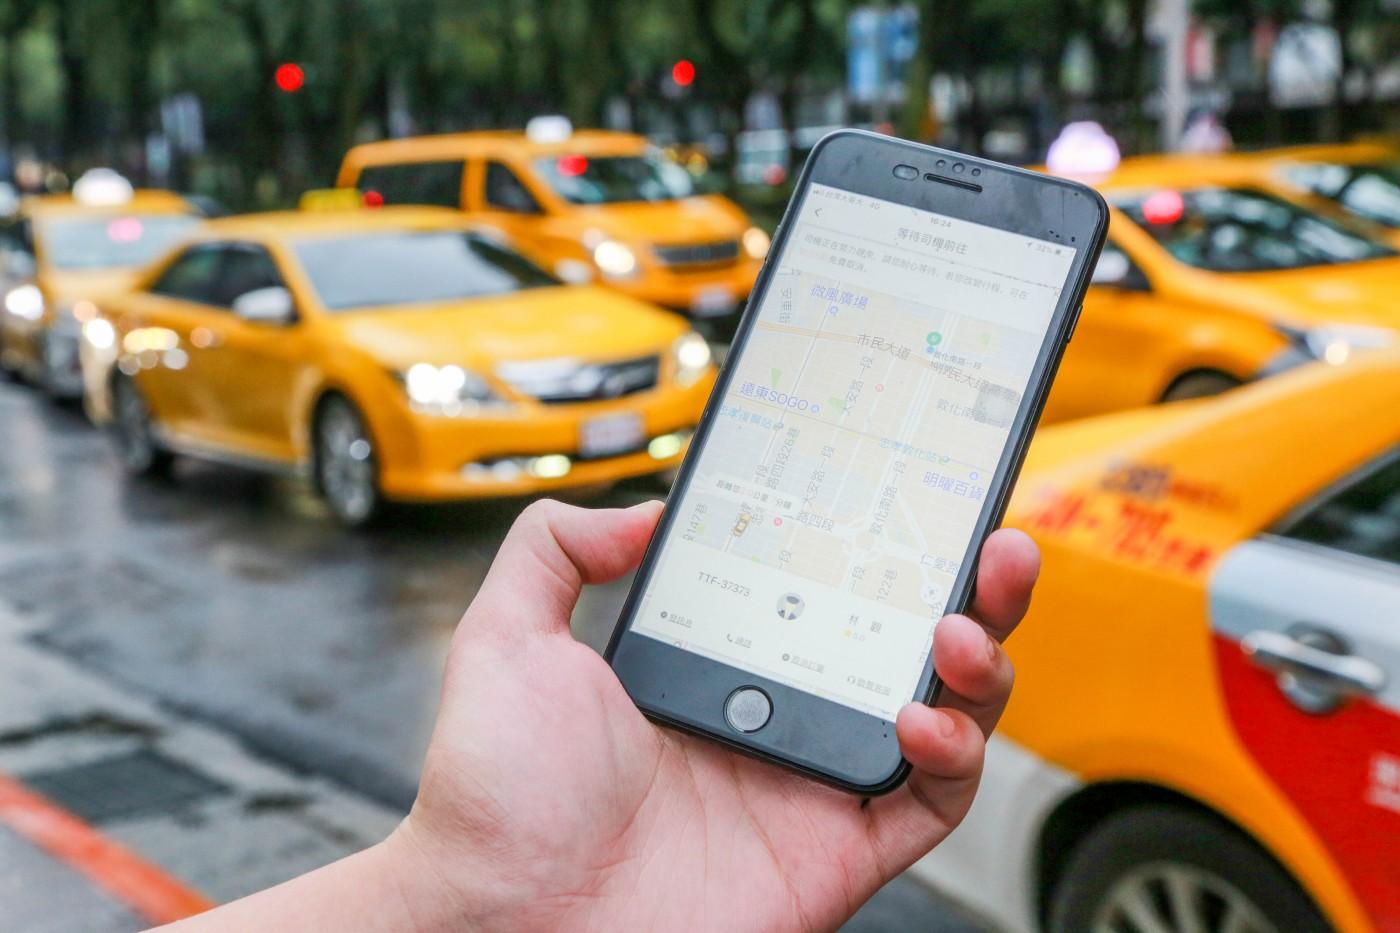 趁機搶Uber市場?滴滴出行台灣正式上線,推計程車、順風車兩大業務